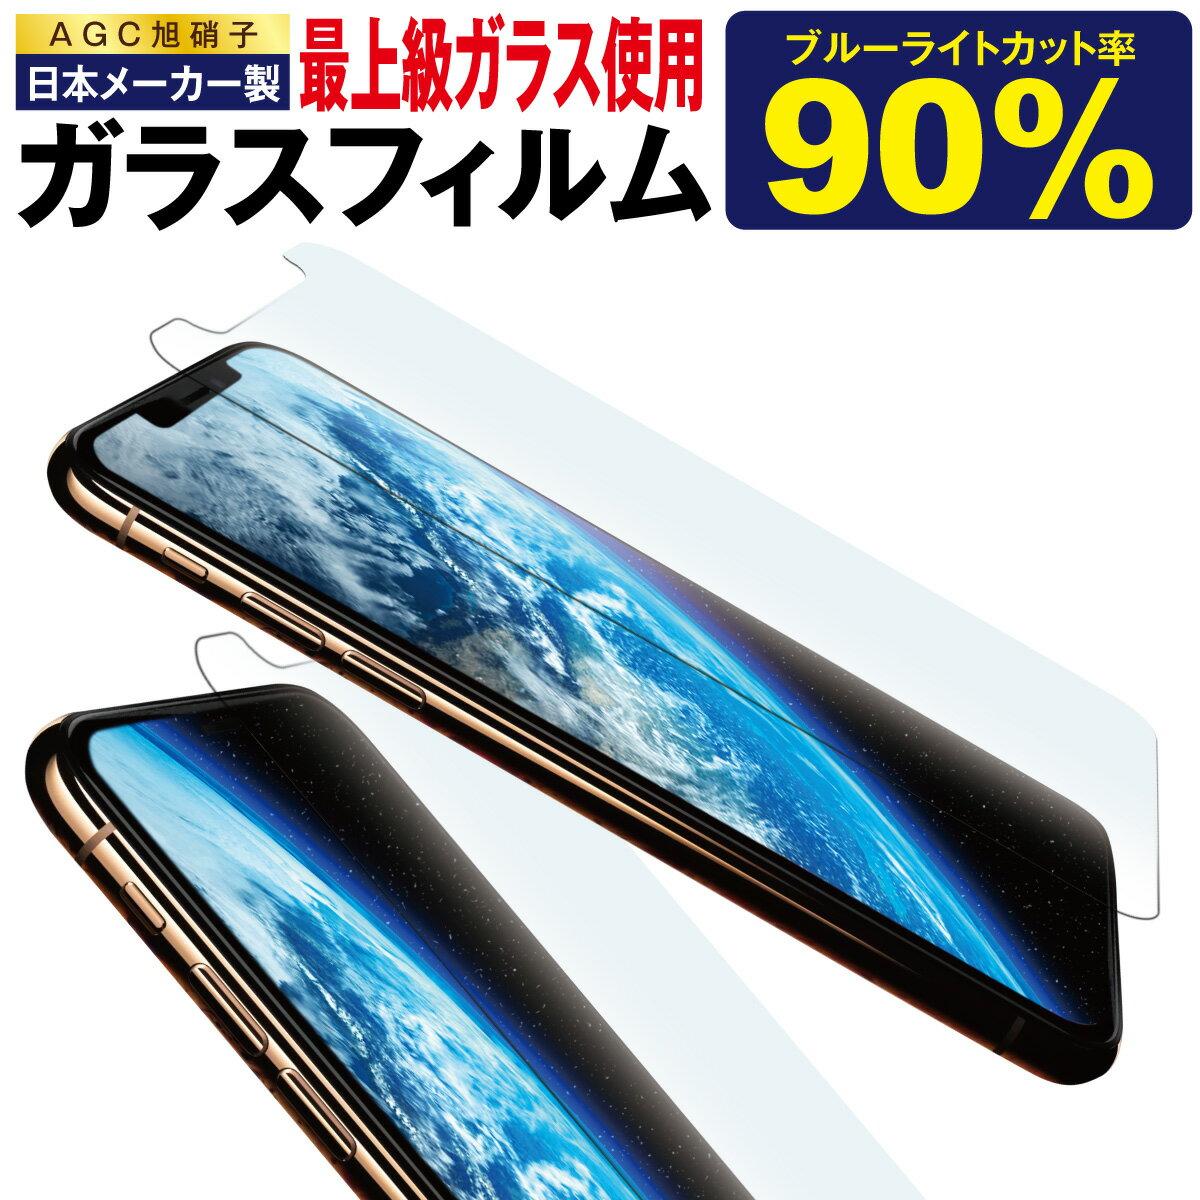 送料無料 ブルーライトカット ガラスフィルム ブルーライト 強化ガラス 保護フィルム iPhone8 iPhone7 iPhone7 Plus iPhone6s iPhpne6 iPhone5s Plus Xperia Z5 SO-02H SO-01H SO-03H SOV32 強化ガラスフィルム 液晶保護フィルム hogo-01